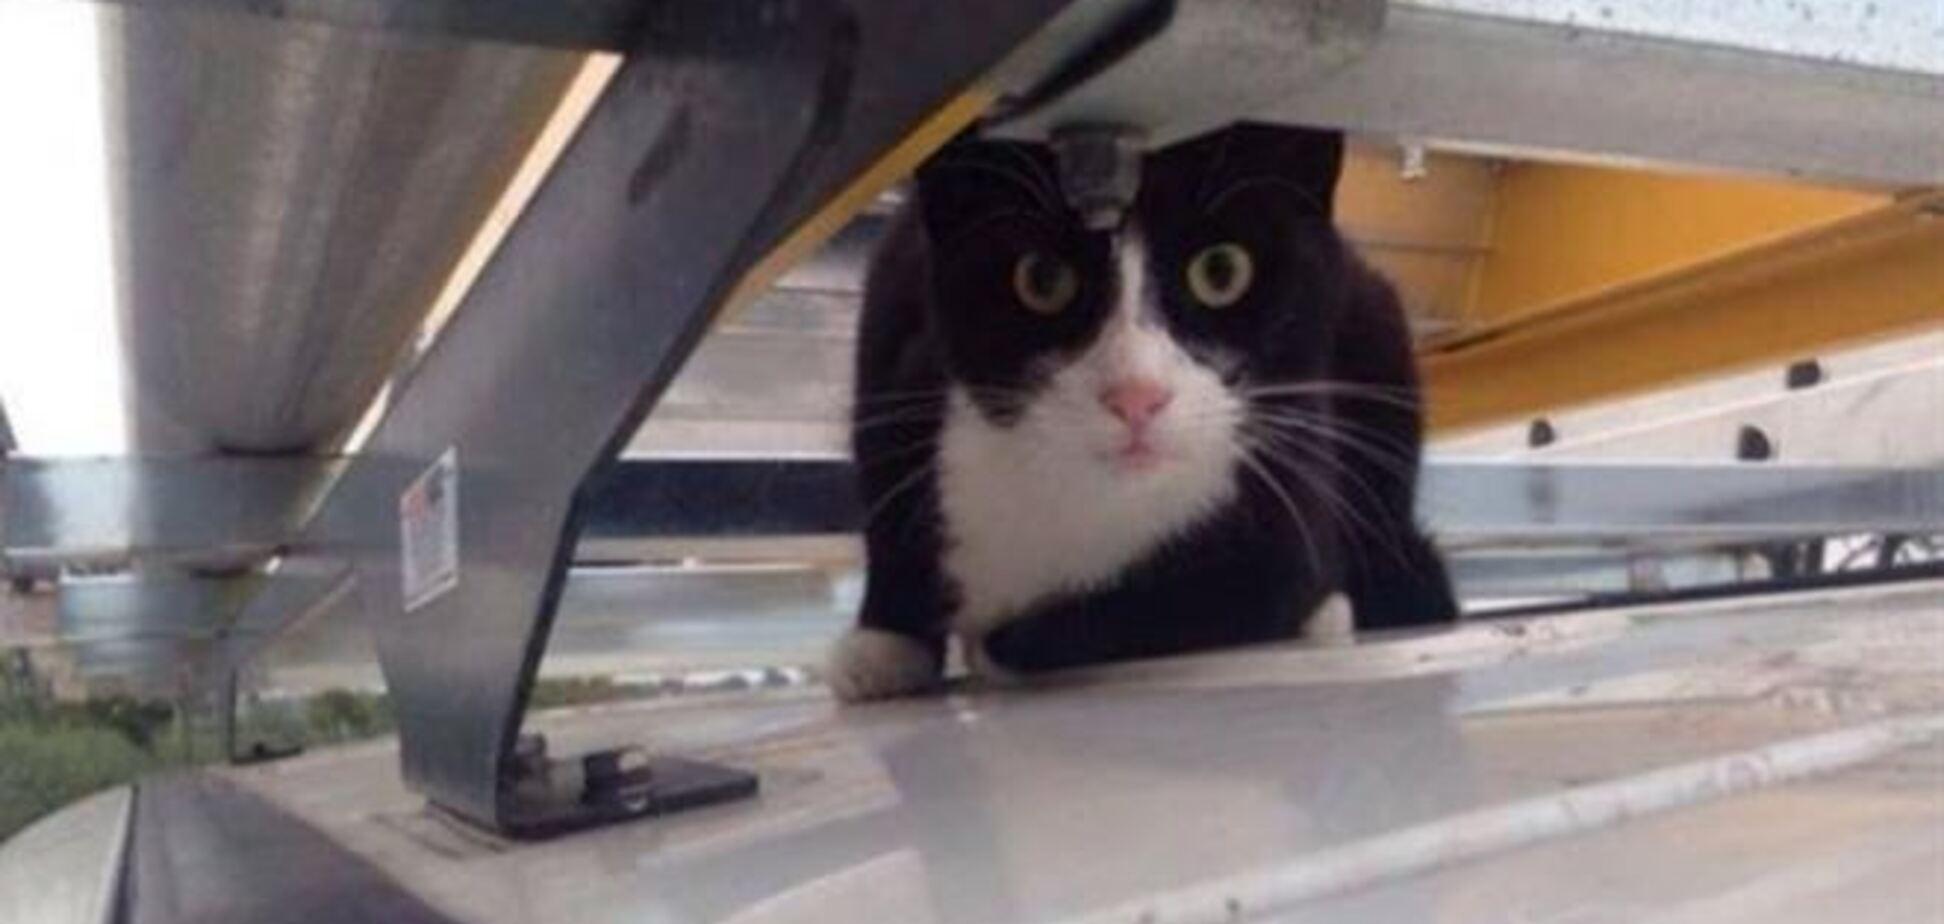 Кот проехался на крыше фургона со скоростью более 100 км/ч